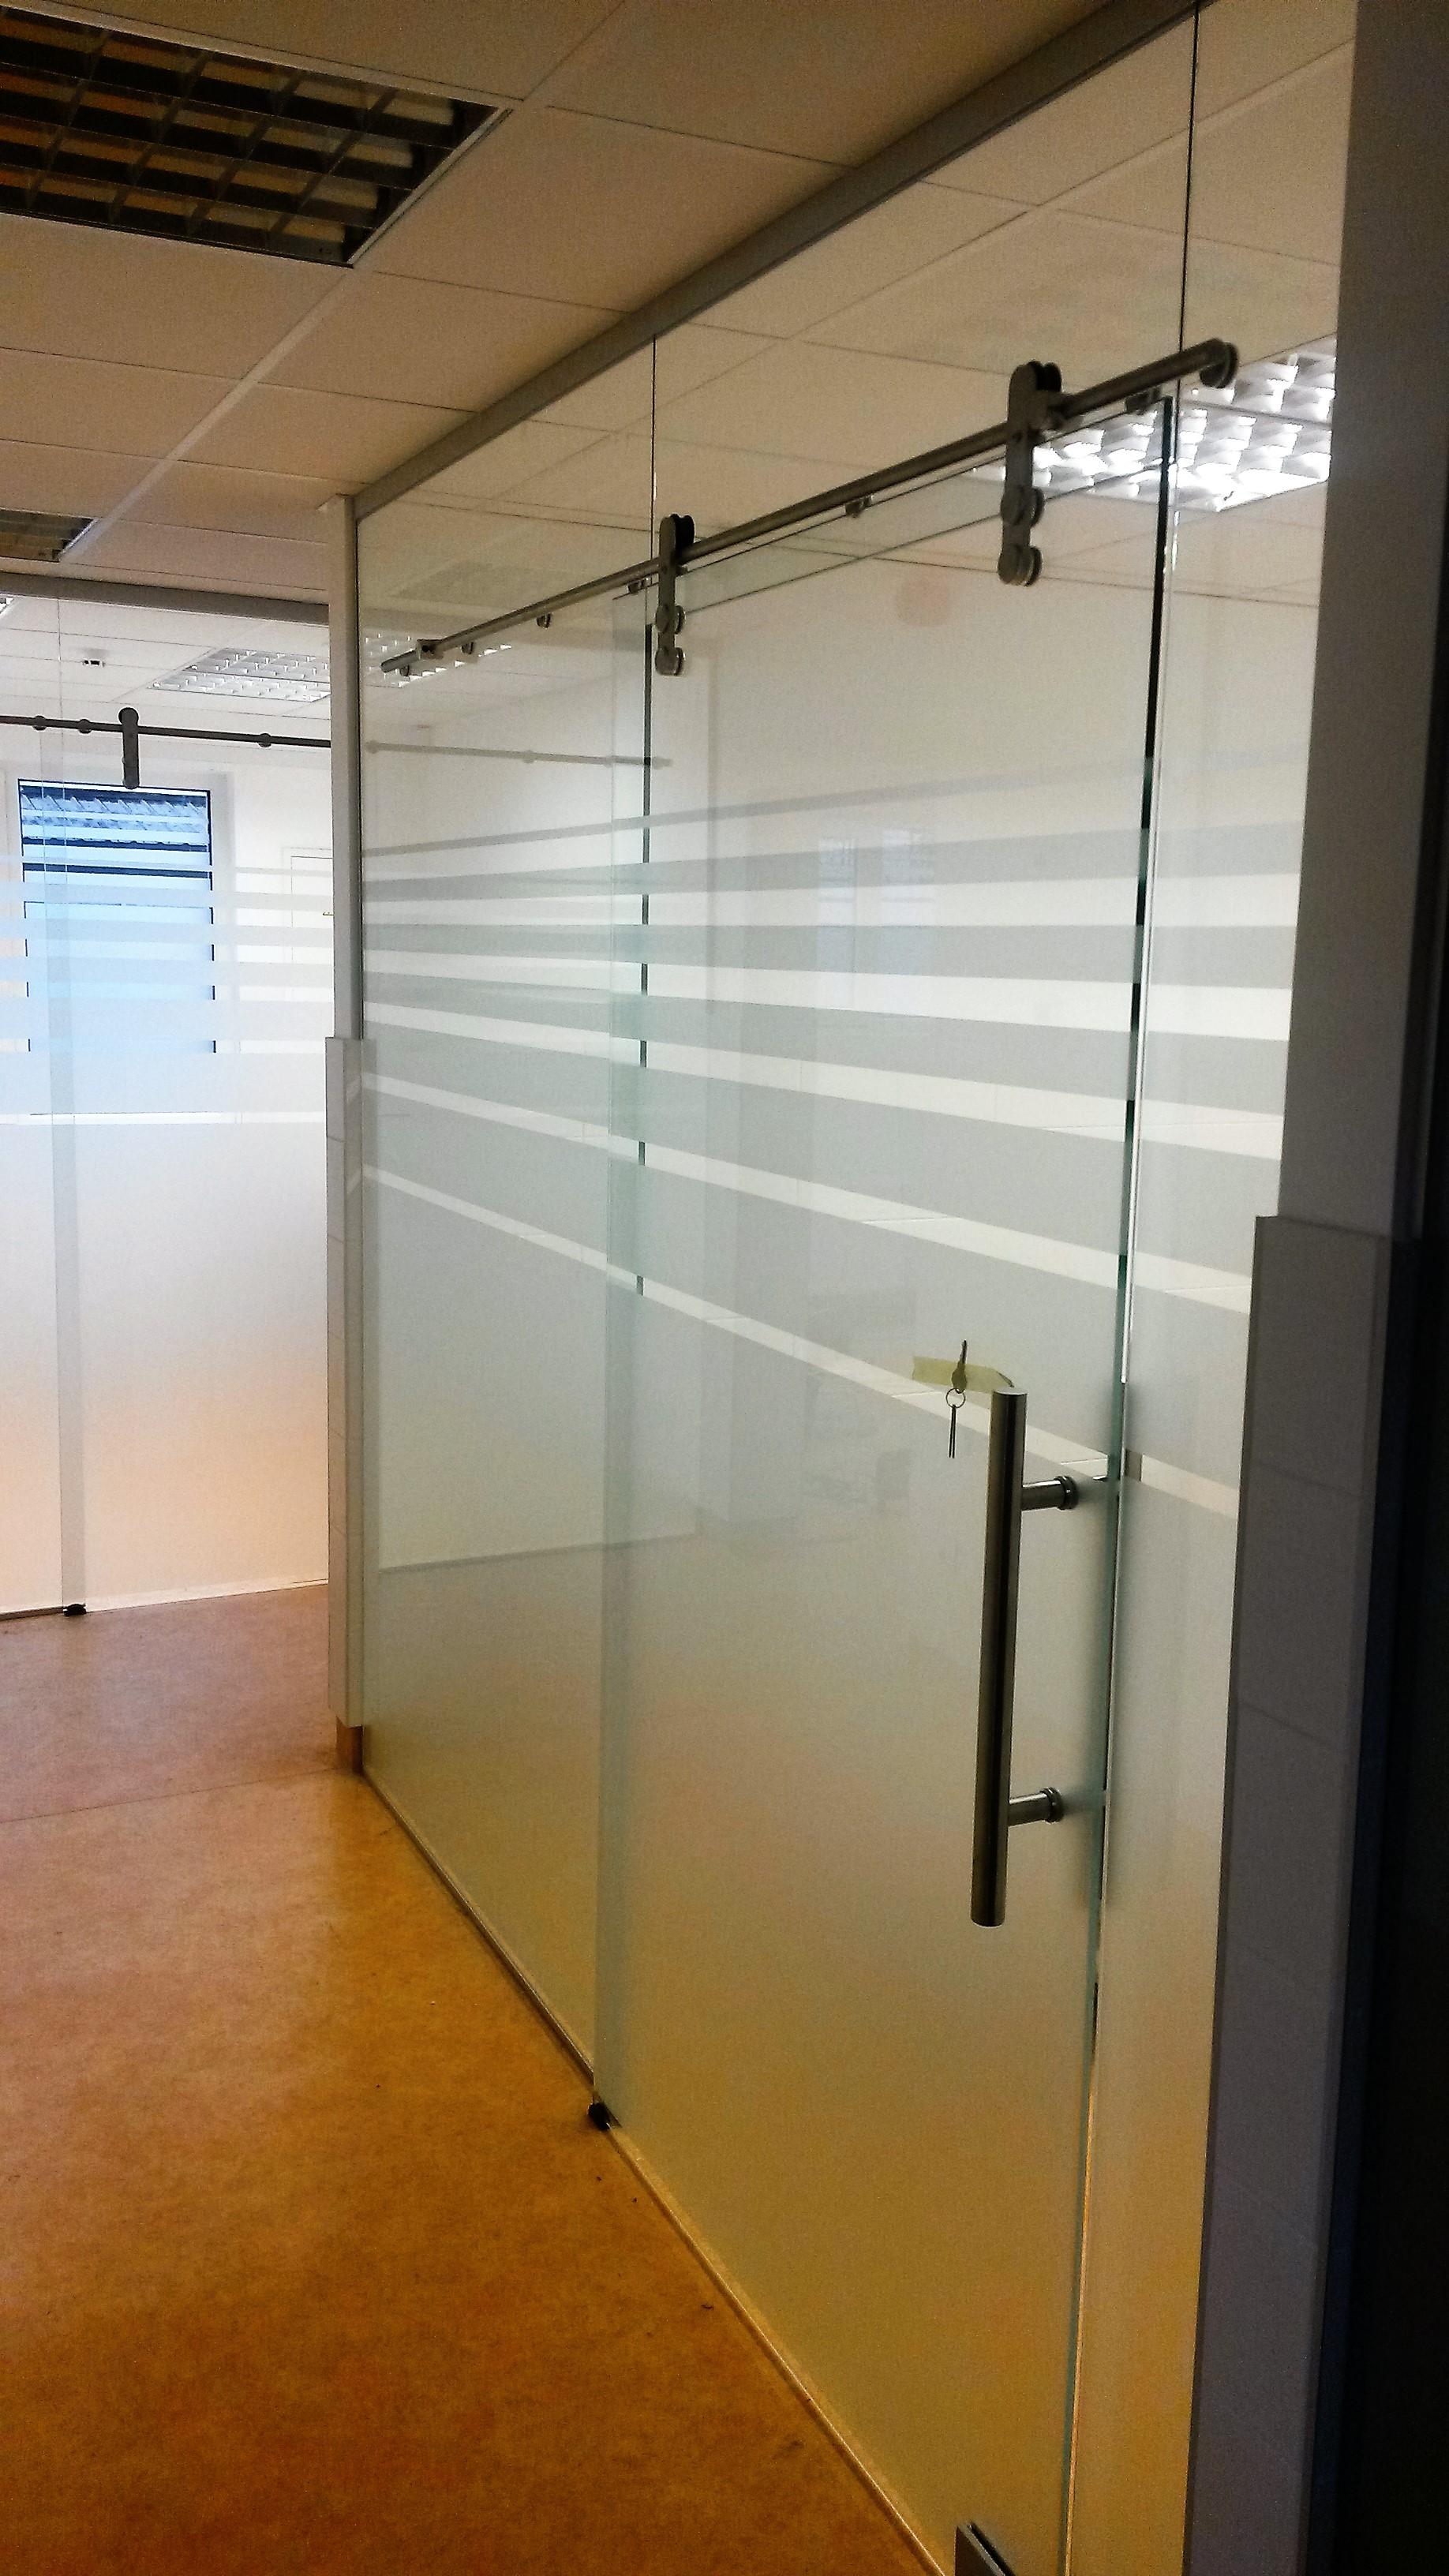 Stiklinė pertvara su stumdomomis durimis